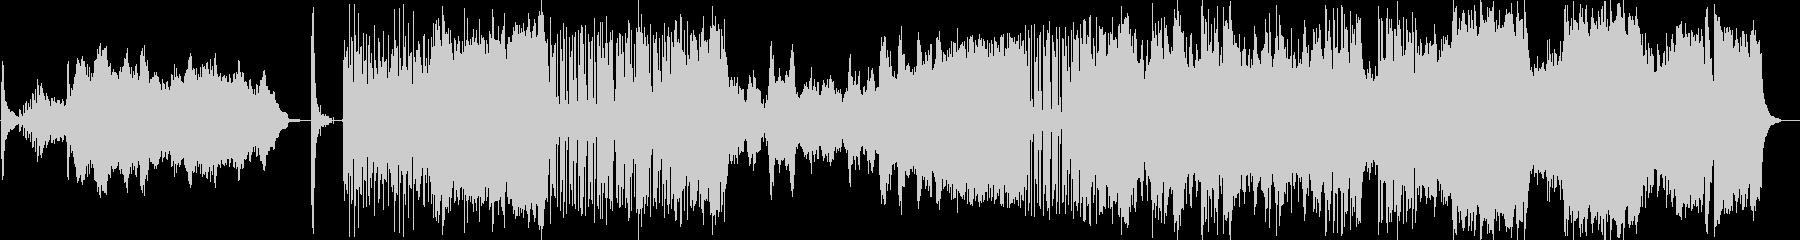 ドビュッシーのピアノ曲「valse r…の未再生の波形